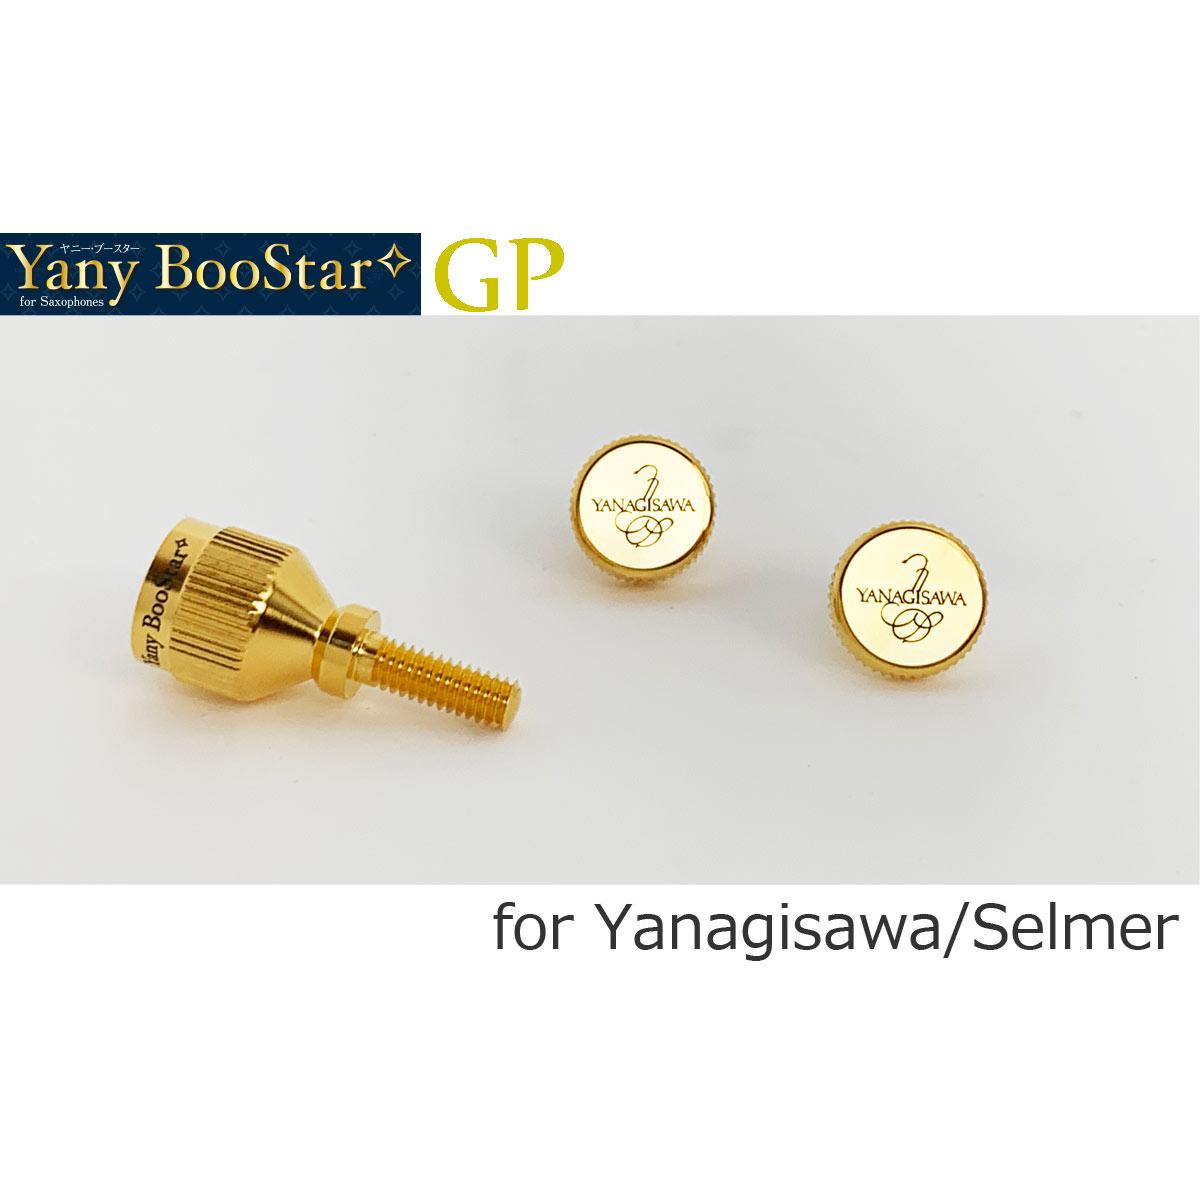 あす楽365日 超特価SALE開催 Yanagisawa YANYBOOSTAR ヤニーブースター ヤナギサワ GP セルマー 用 メーカー公式 ネックジョイントスクリューセット ゴールドプレート